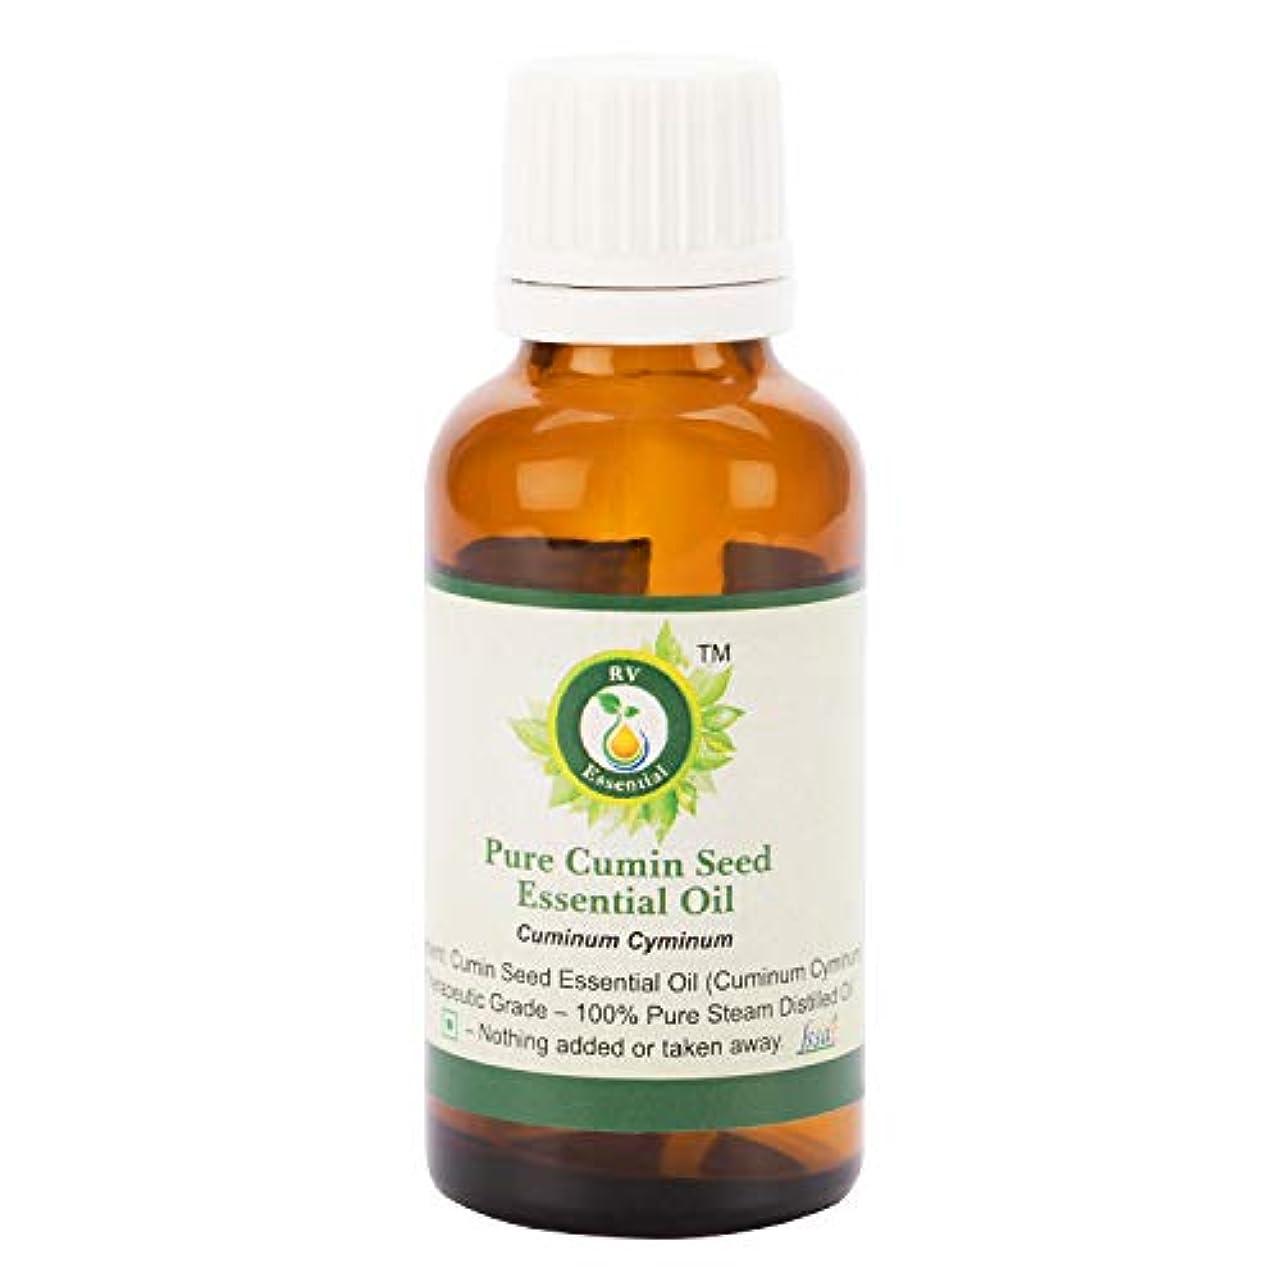 インチ注ぎますプロットピュアクミンシードエッセンシャルオイル5ml (0.169oz)- Cuminum Cyminum (100%純粋&天然スチームDistilled) Pure Cumin Seed Essential Oil